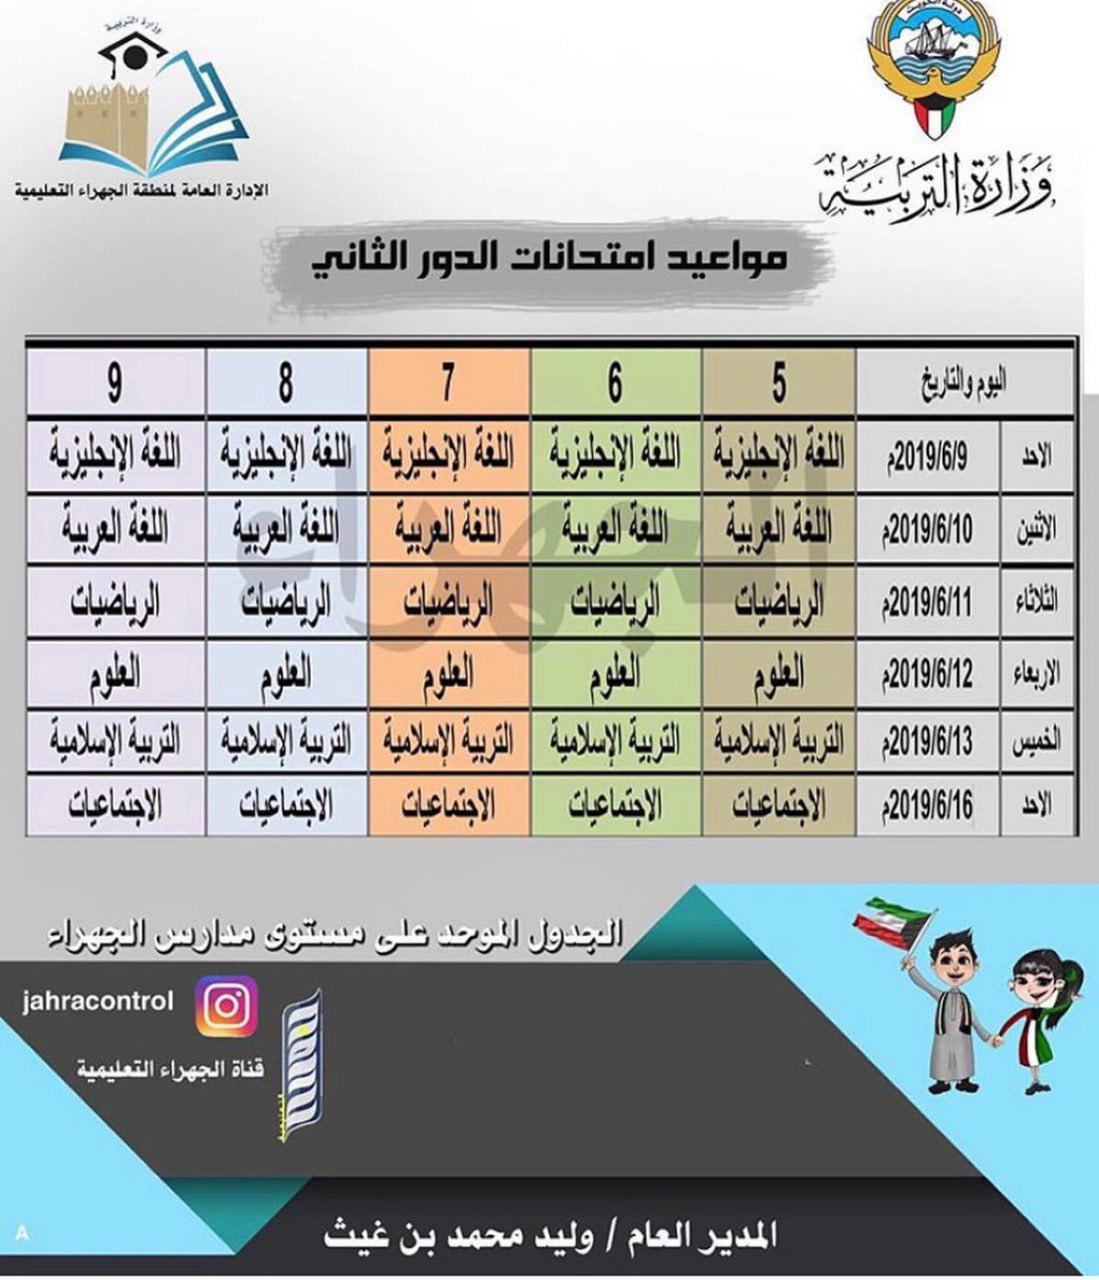 جدول اختبارات الدور الثاني منطقة الجهراء التعليمية 2018-2019